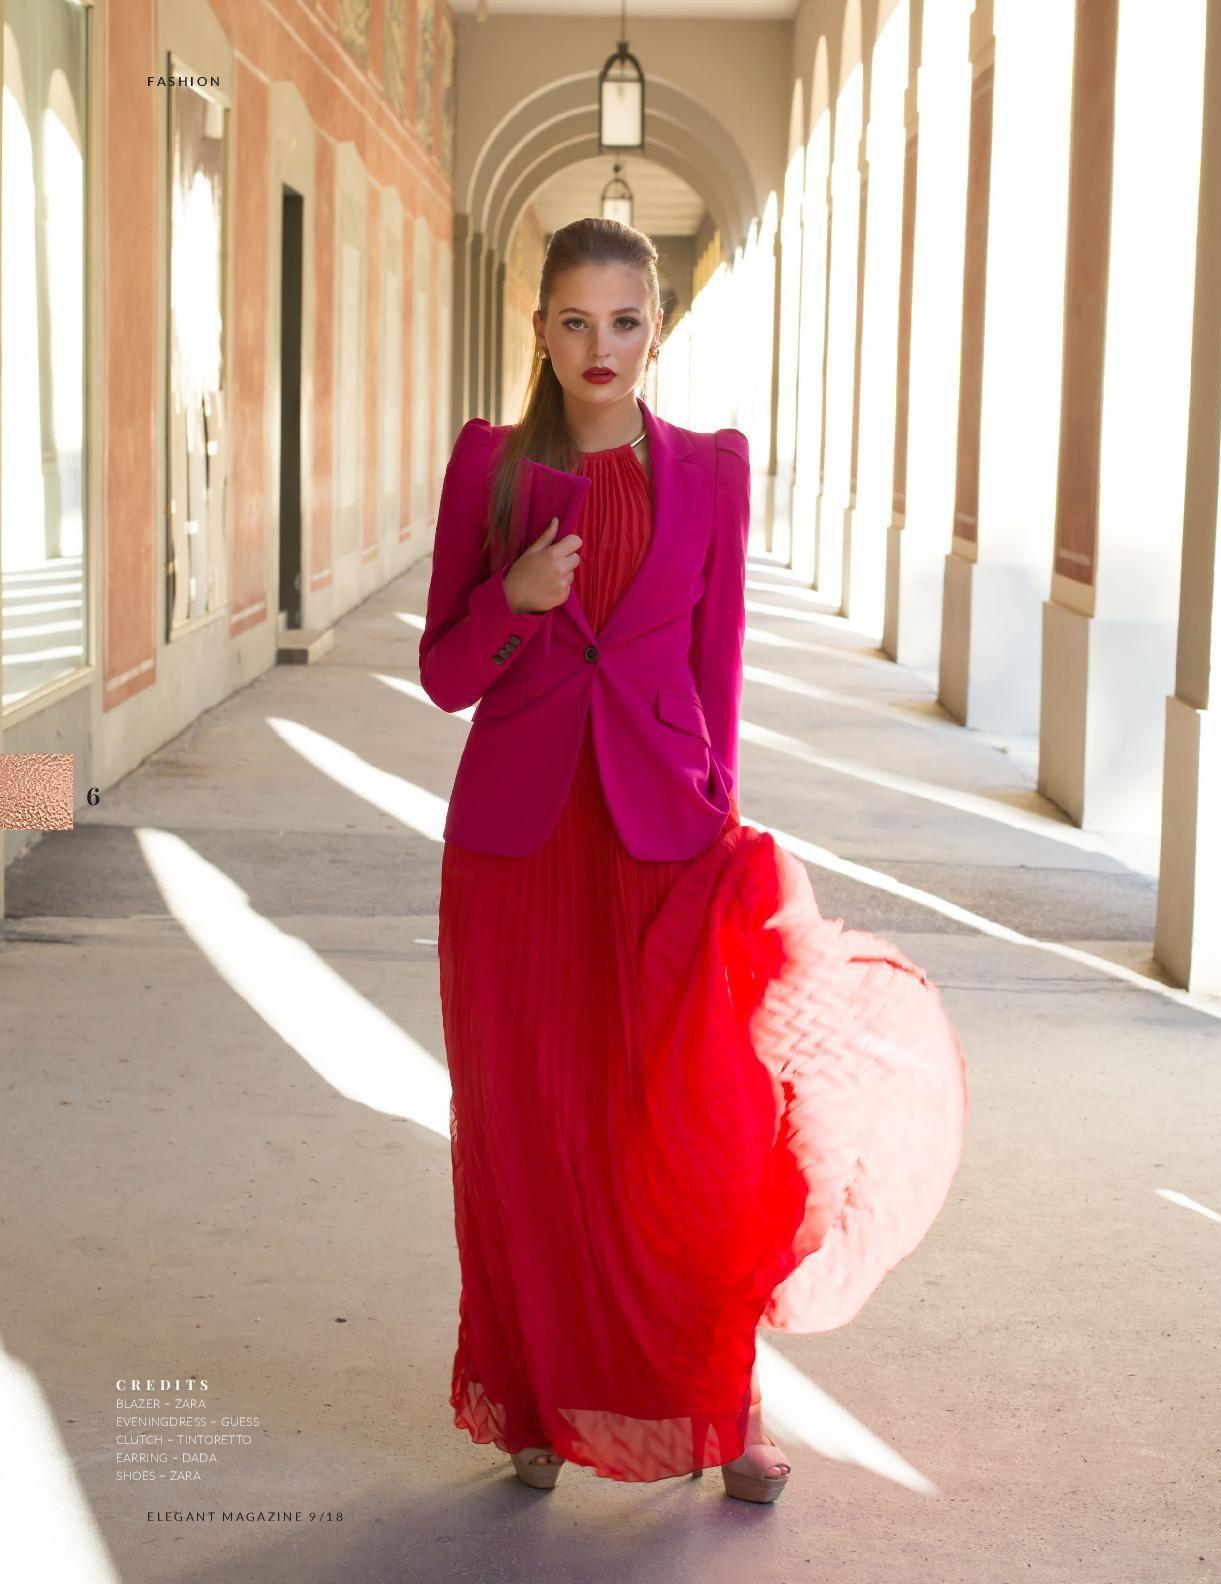 ELEGANT NYC, September 2018 Vol. 51 No. 6 - Fashion Stylist: Vesna Resch